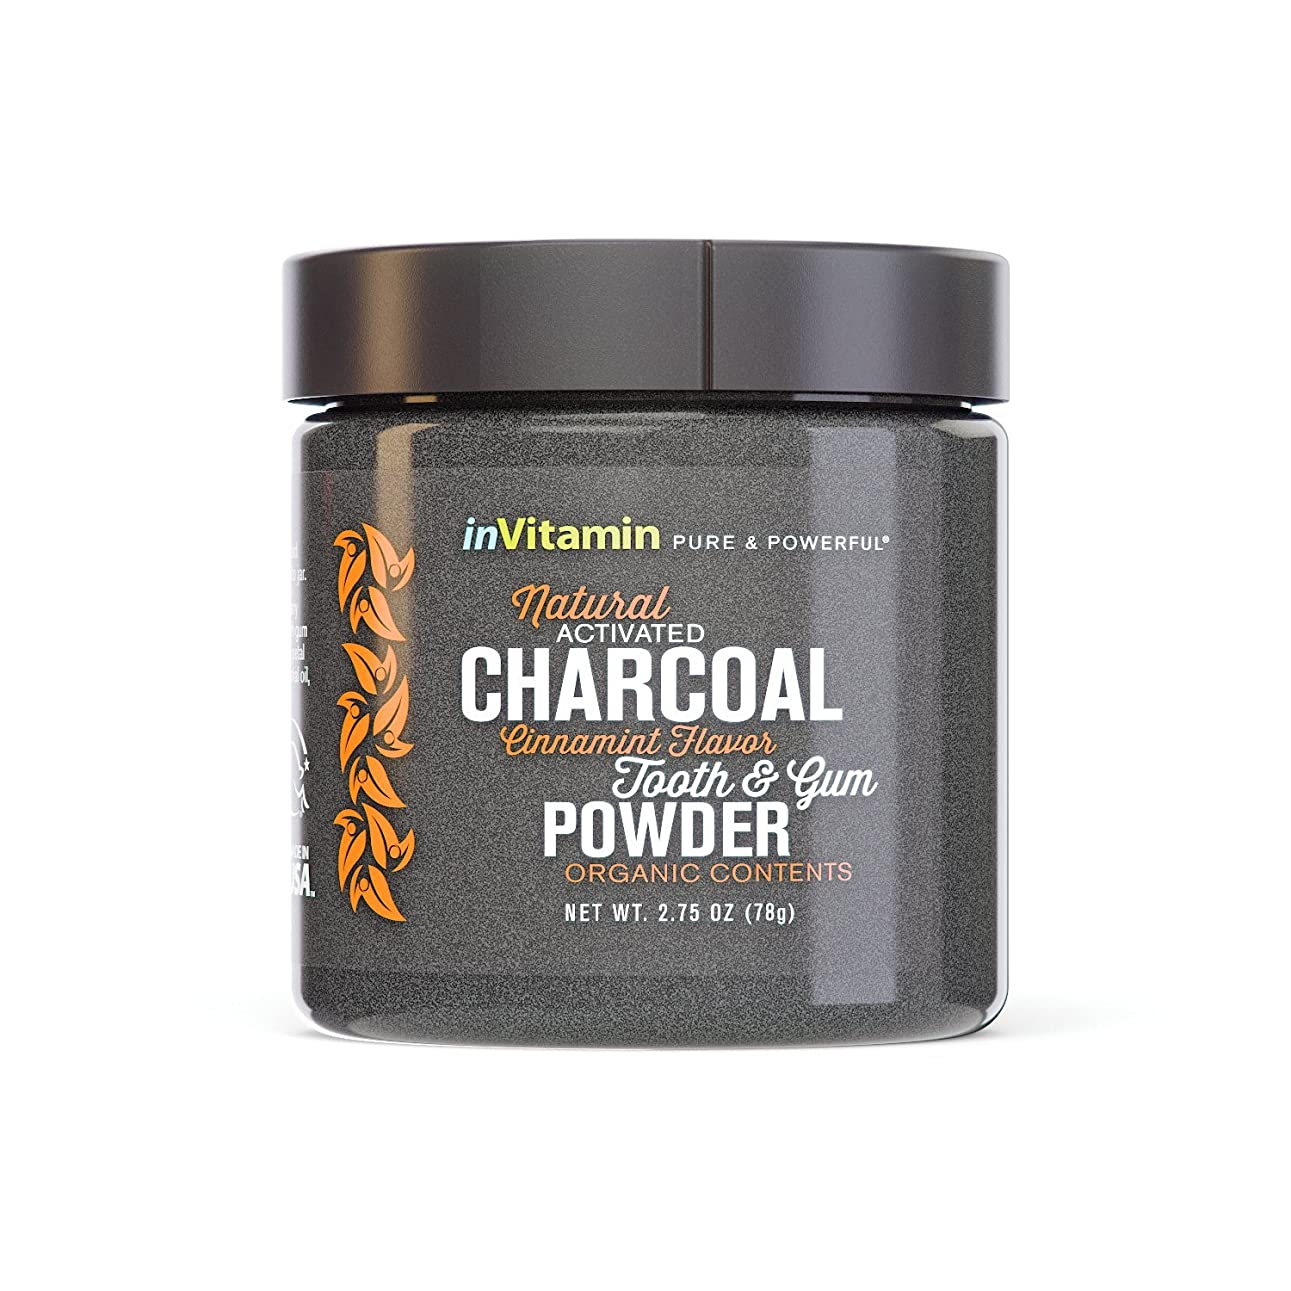 晩ごはんドック荒涼とした歯磨き粉 Natural Tooth & Gum Powder with Activated Charcoal (海外直送)